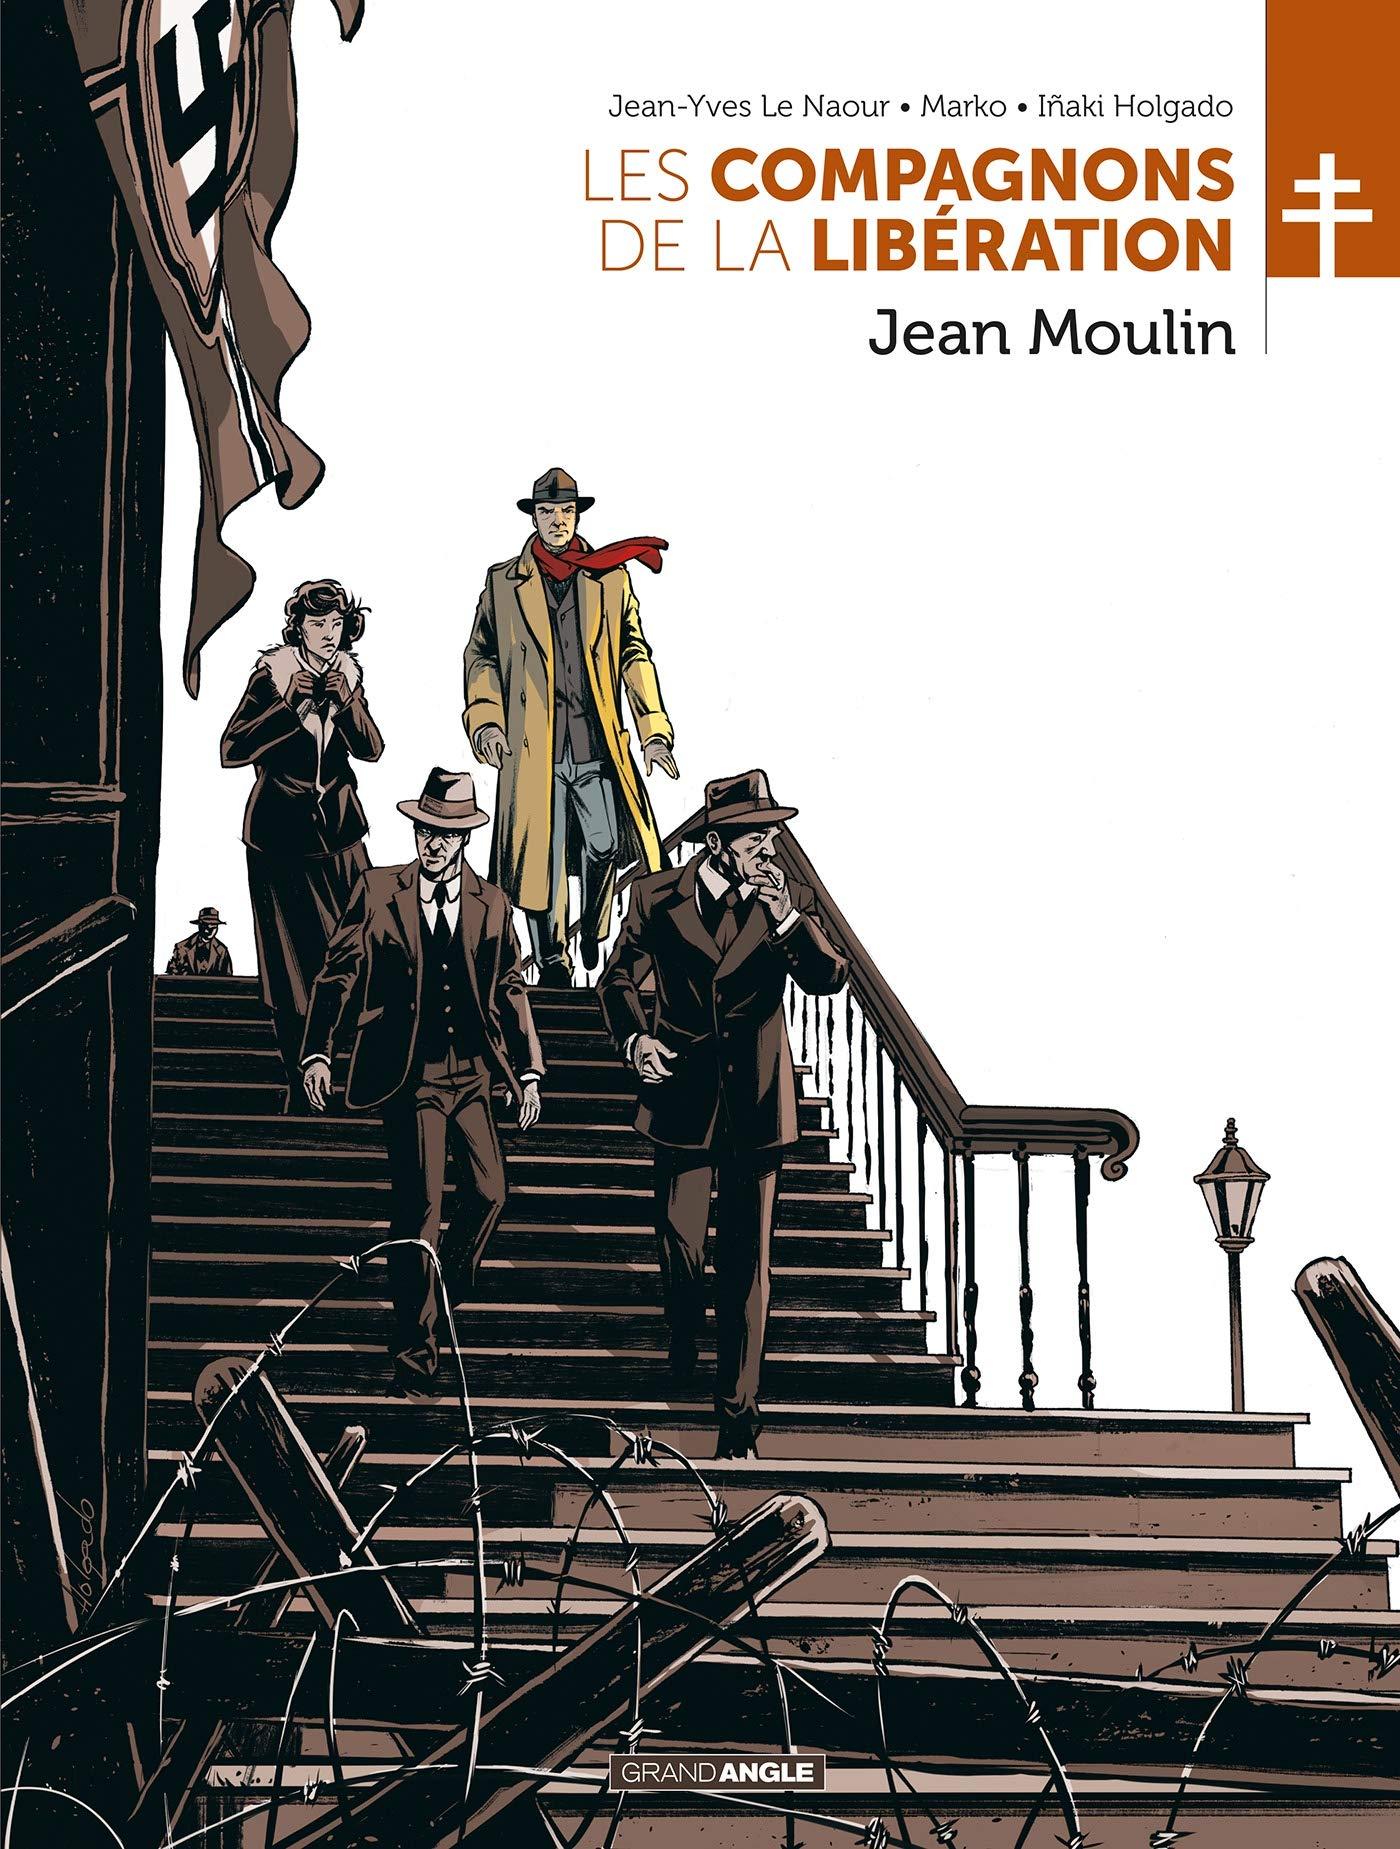 Les compagnons de la libération 3 - Jean Moulin